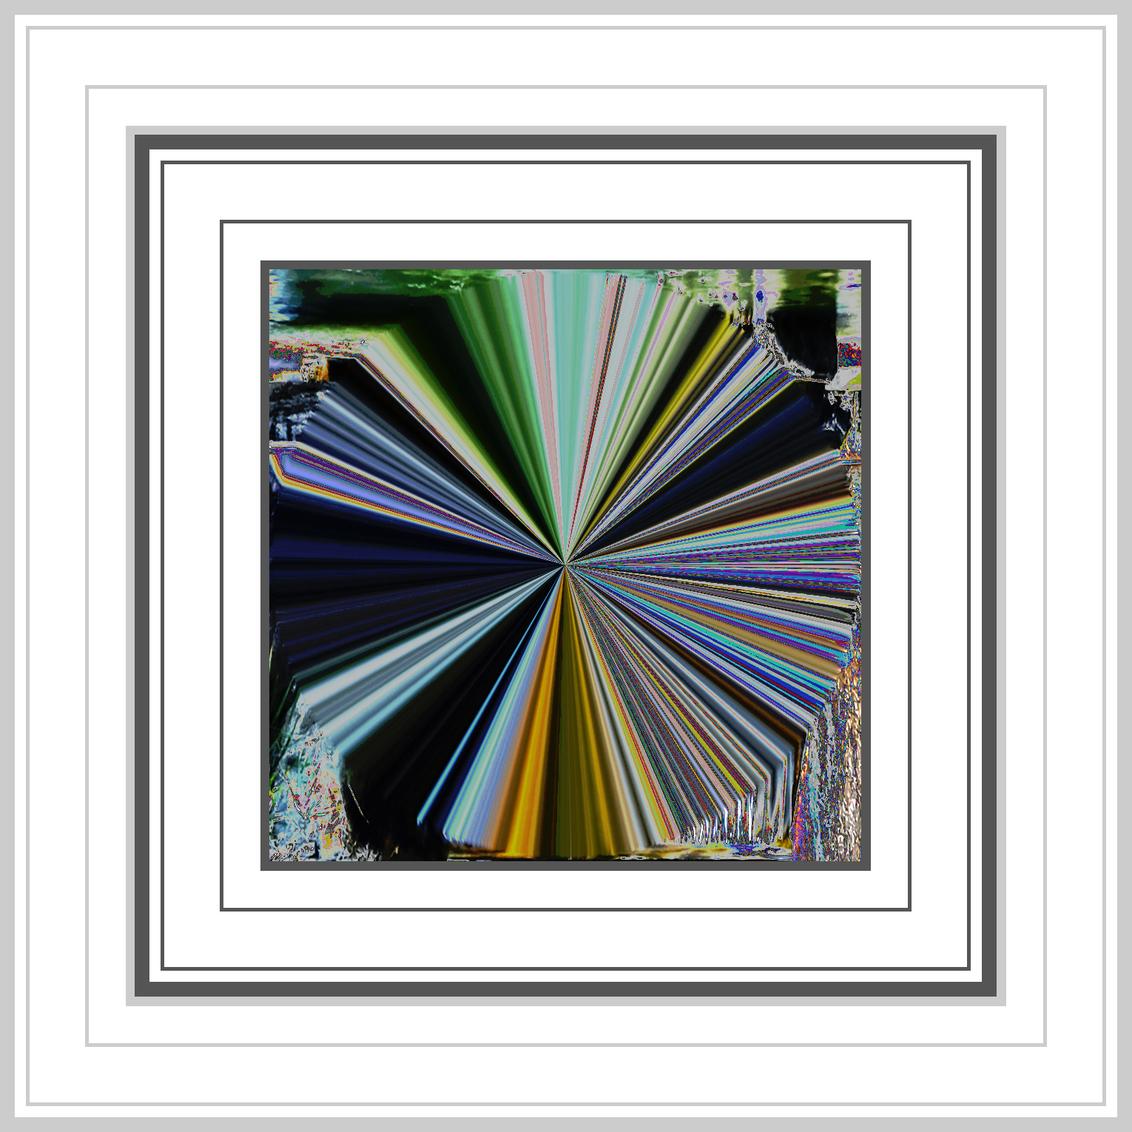 """Creatief met kleuren 11 - """" Creatief met kleuren"""". - foto door jos1953 op 06-03-2021"""